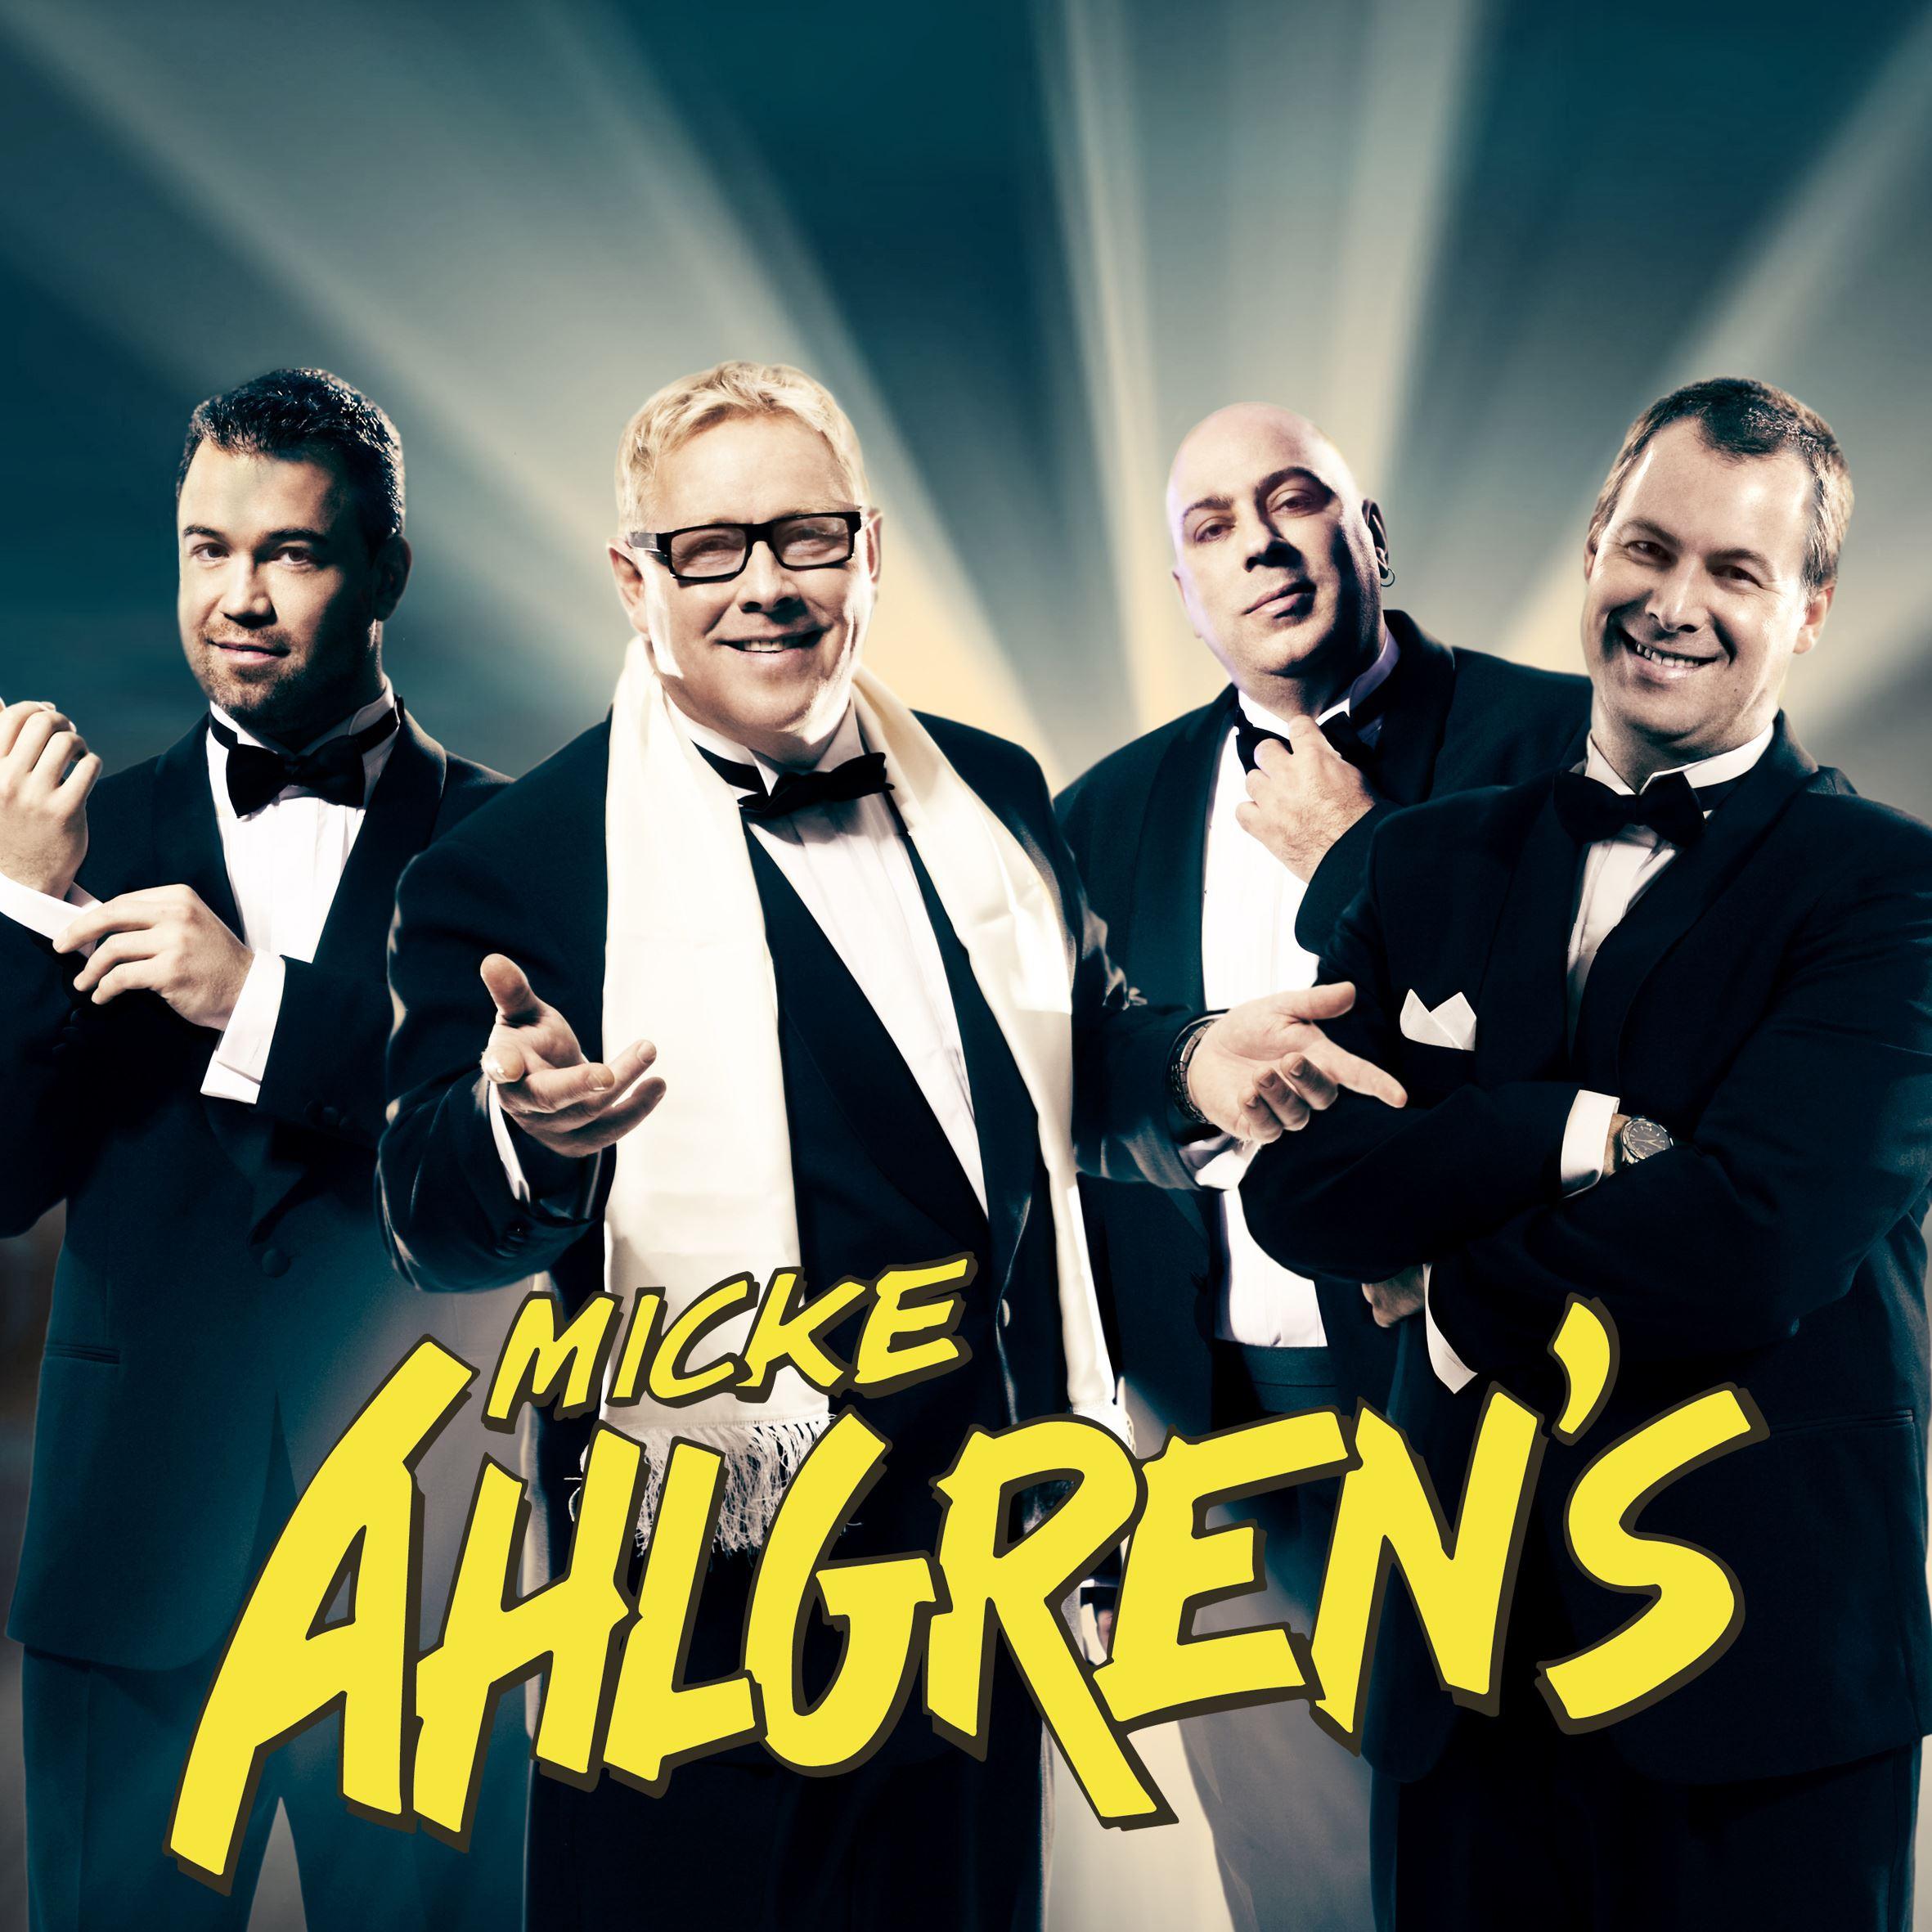 Micke Ahlgren´s,  © Micke Ahlgren´s, Dans i Jättendal, GT-gården, Micke Ahlgrens